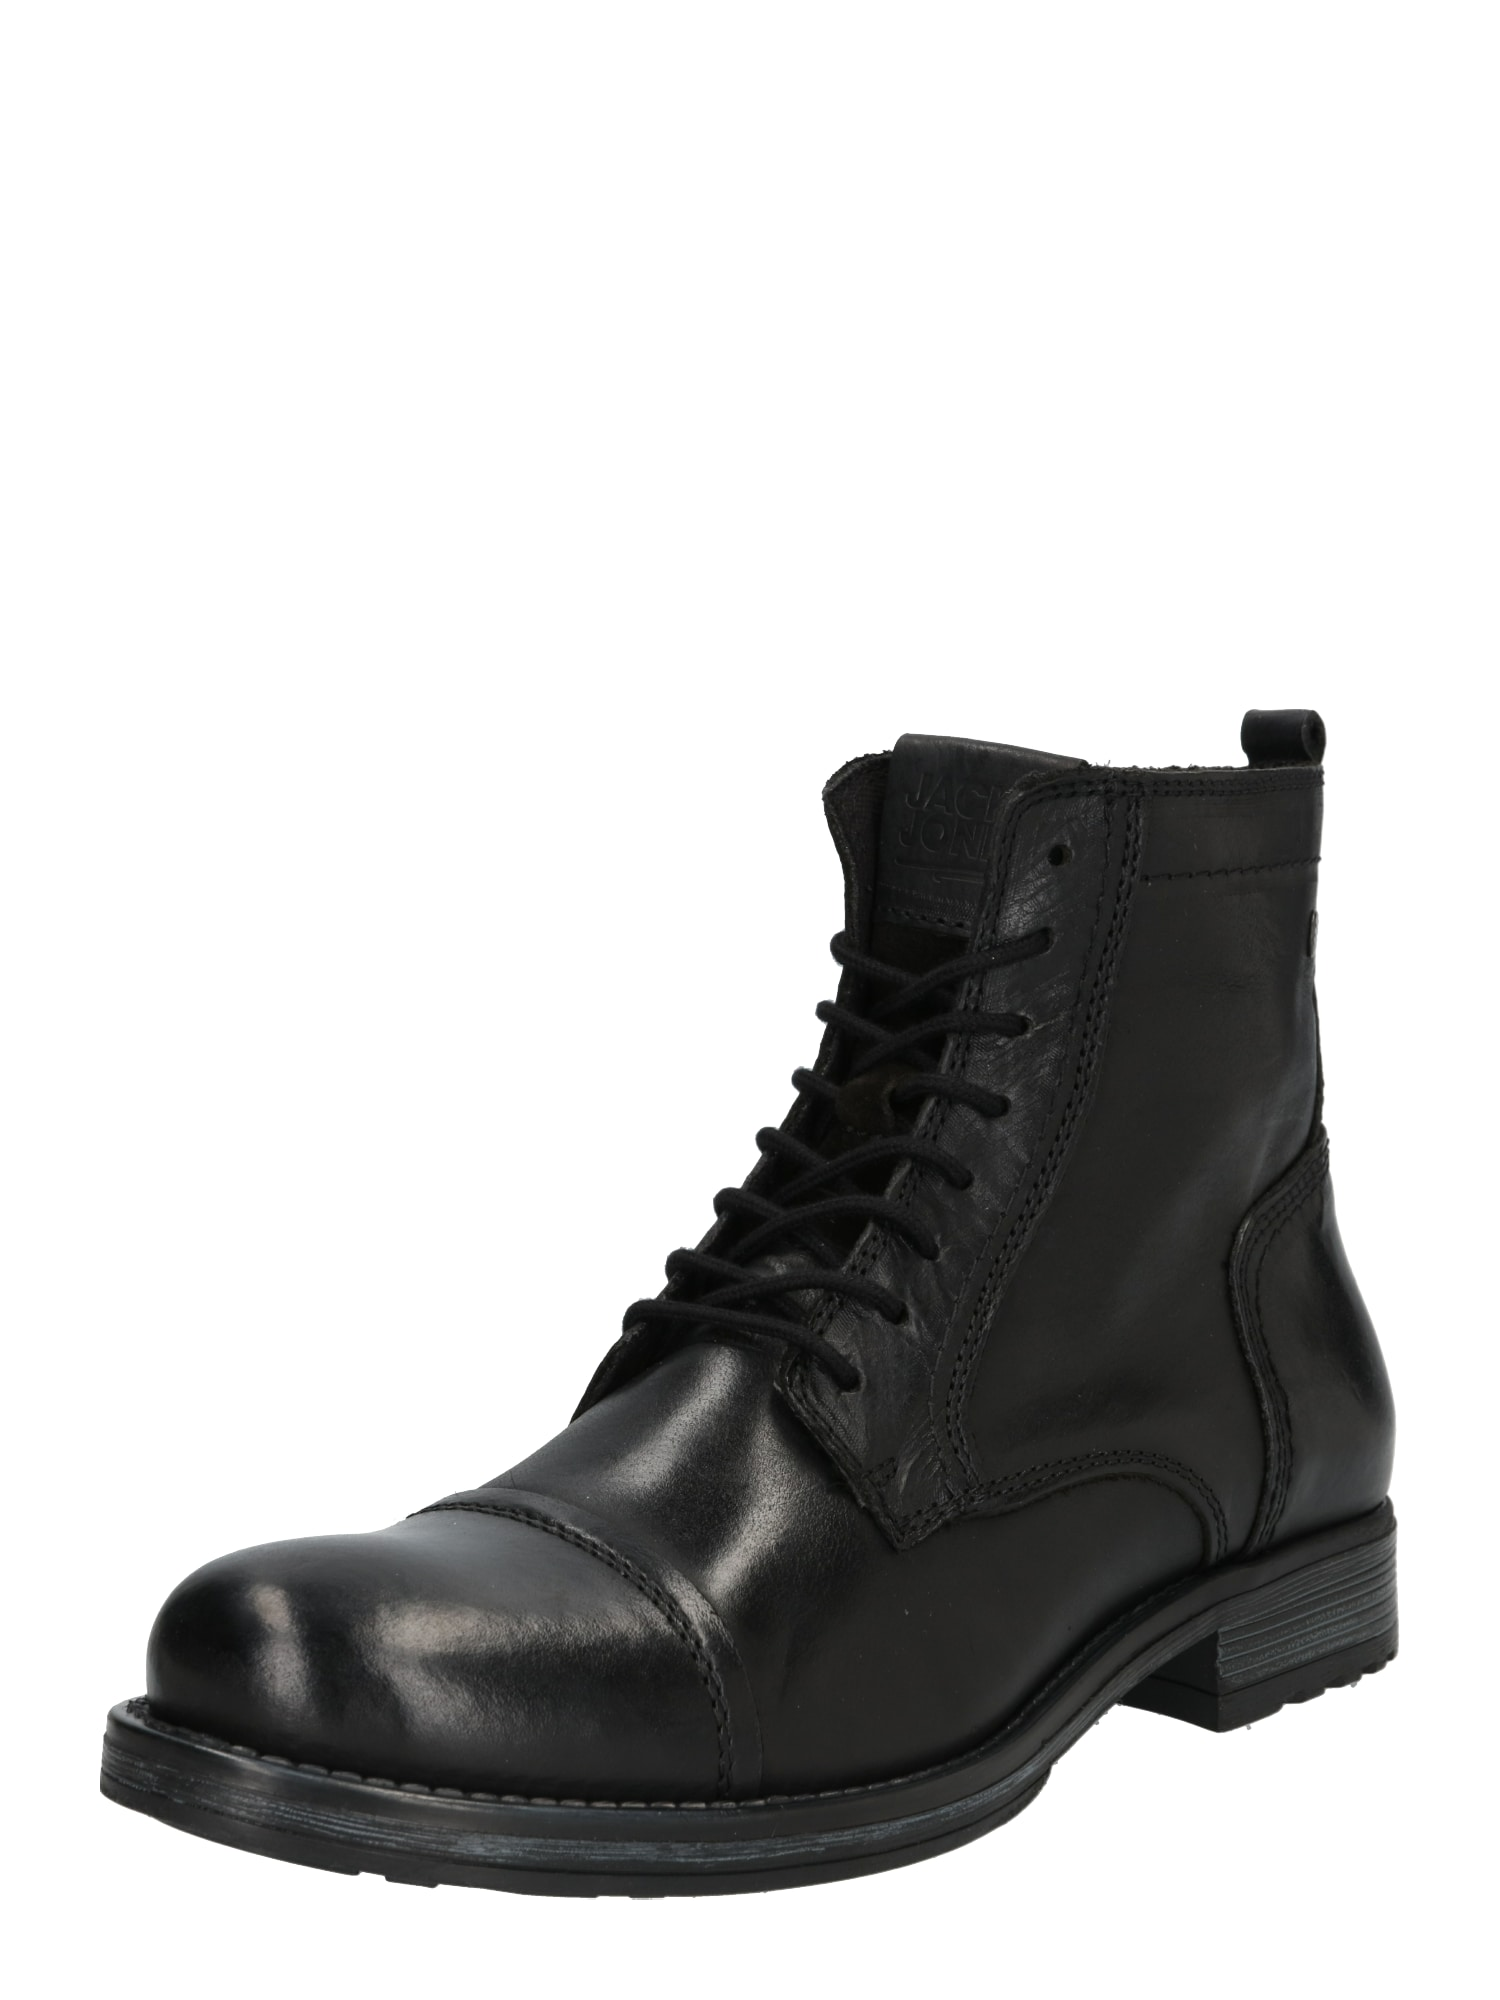 JACK & JONES Auliniai batai su raišteliais juoda / antracito spalva